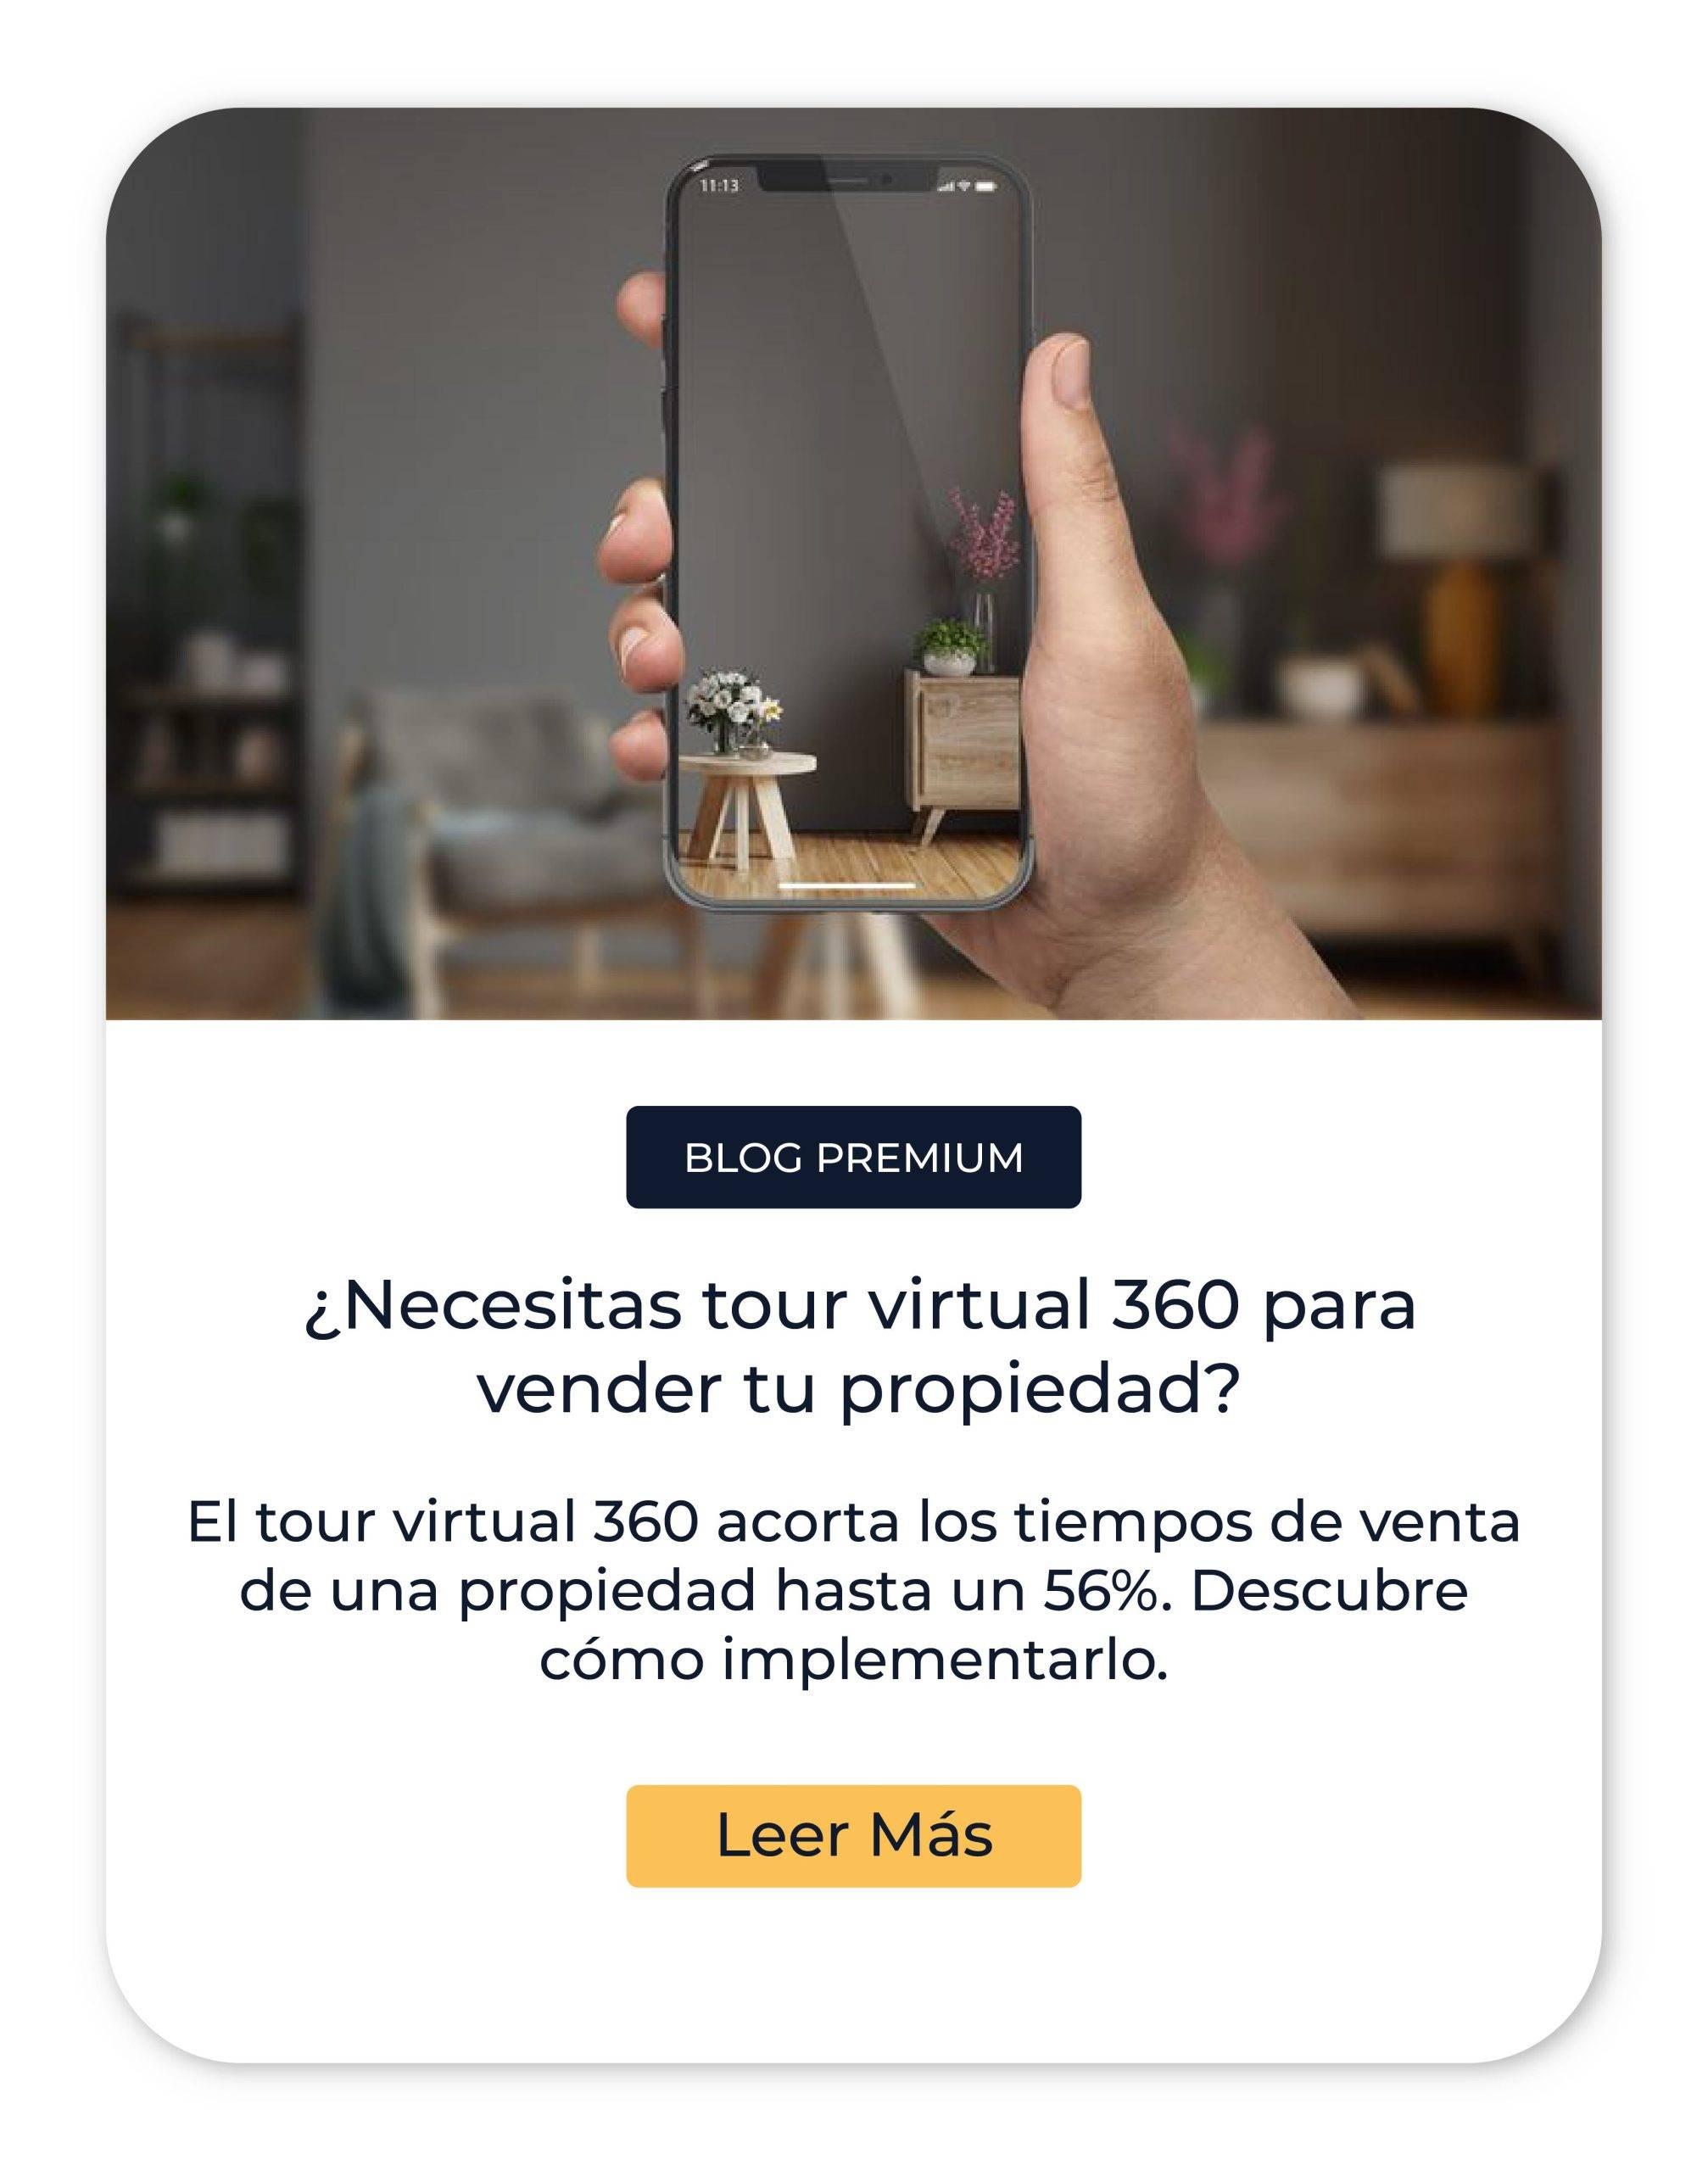 Blog - Tour virtual 360 para vender una propiedad